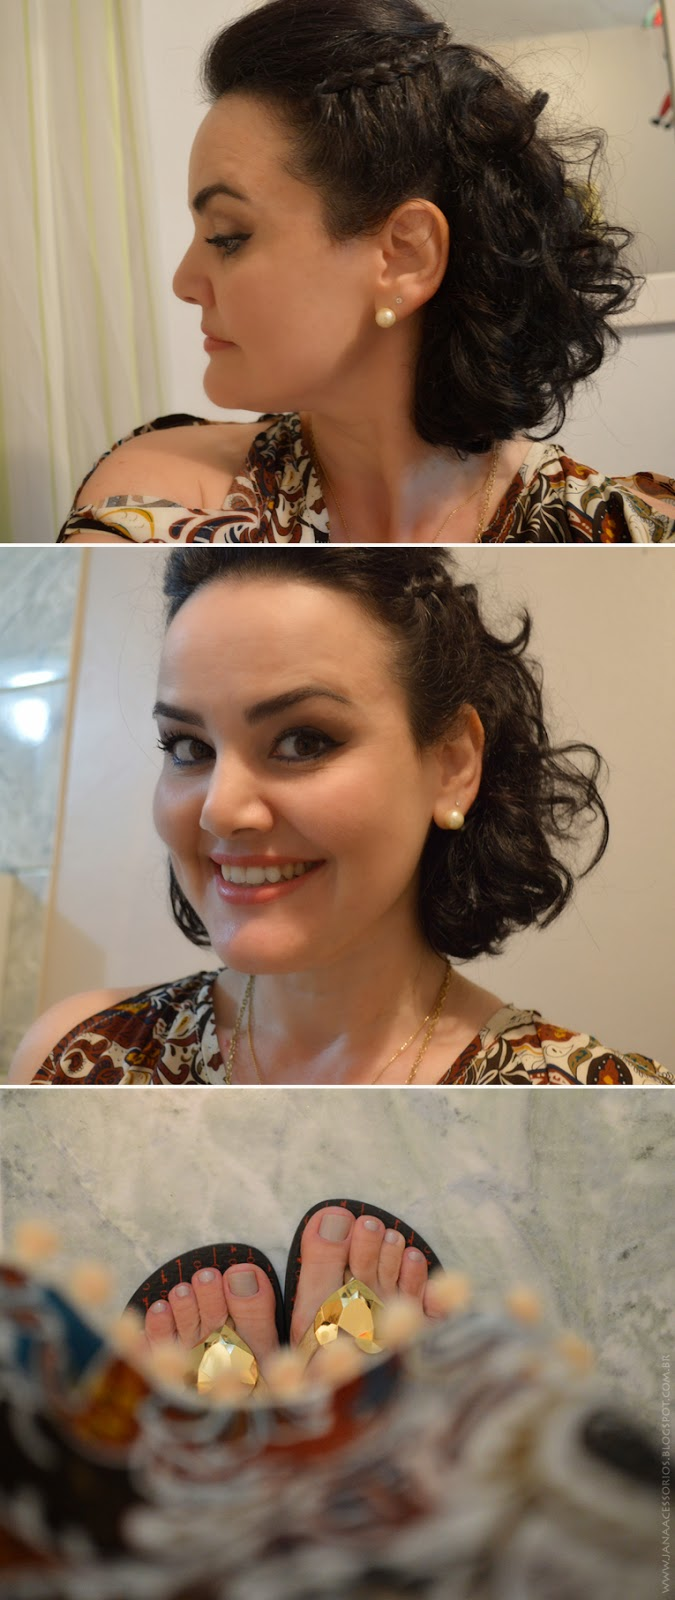 blog da jana, joinville, blogueira, natal, moda, estilo, blog de acessórios, Look da Jana